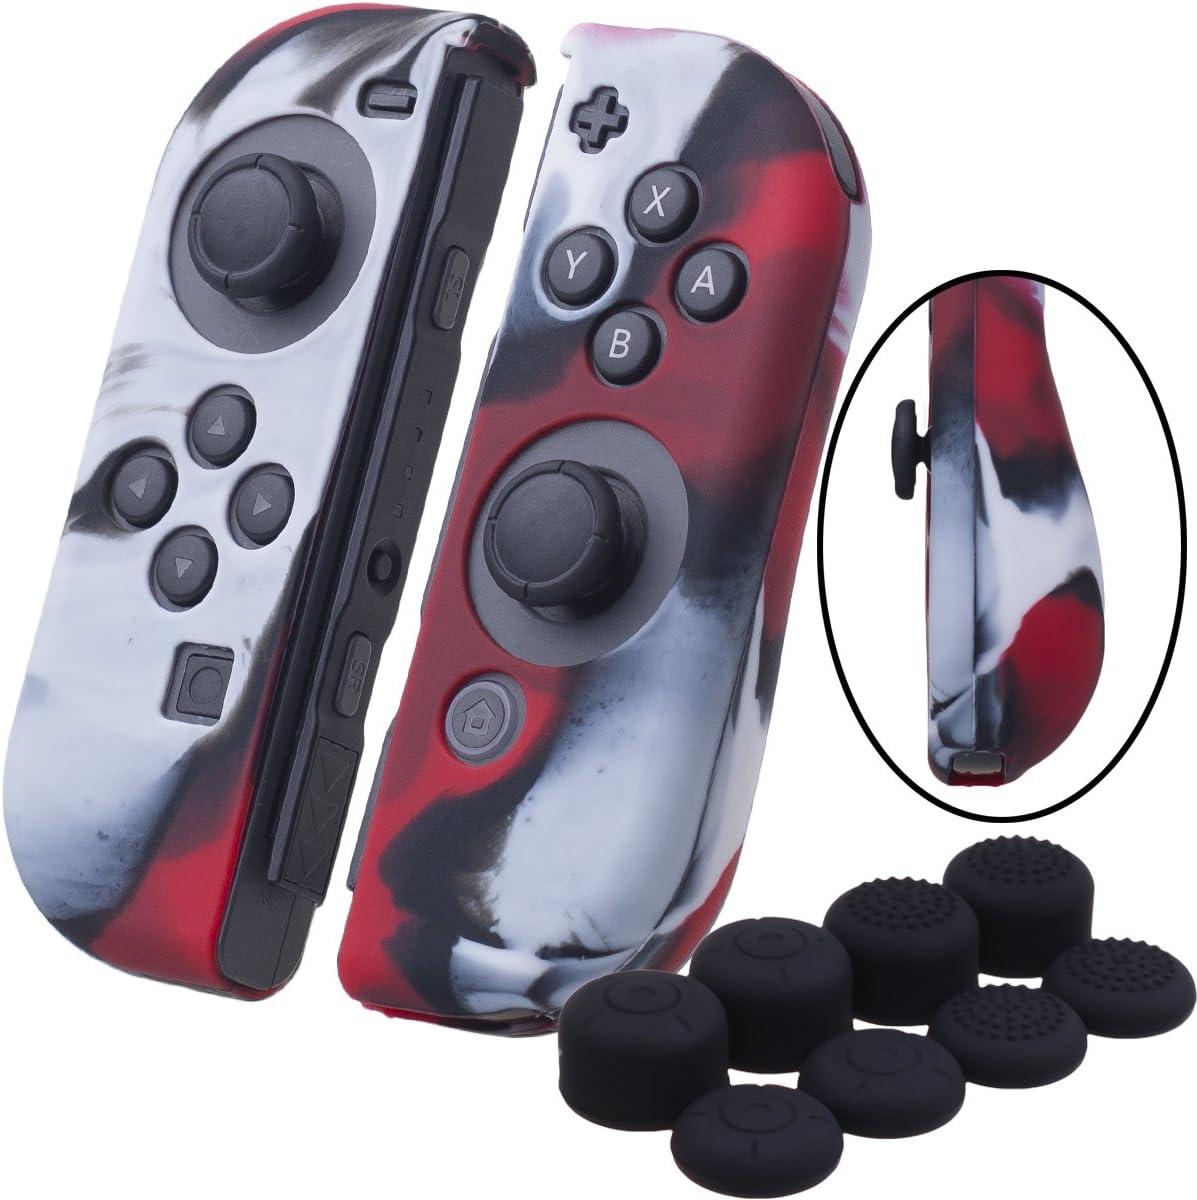 YoRHa Empuñadura silicona caso piel Fundas protectores cubierta para Nintendo Switch/NS/NX Joy-Con Mando x 2 (Camuflaje rojo) Con Joy-Con los puños pulgar thumb gripsx 8: Amazon.es: Videojuegos